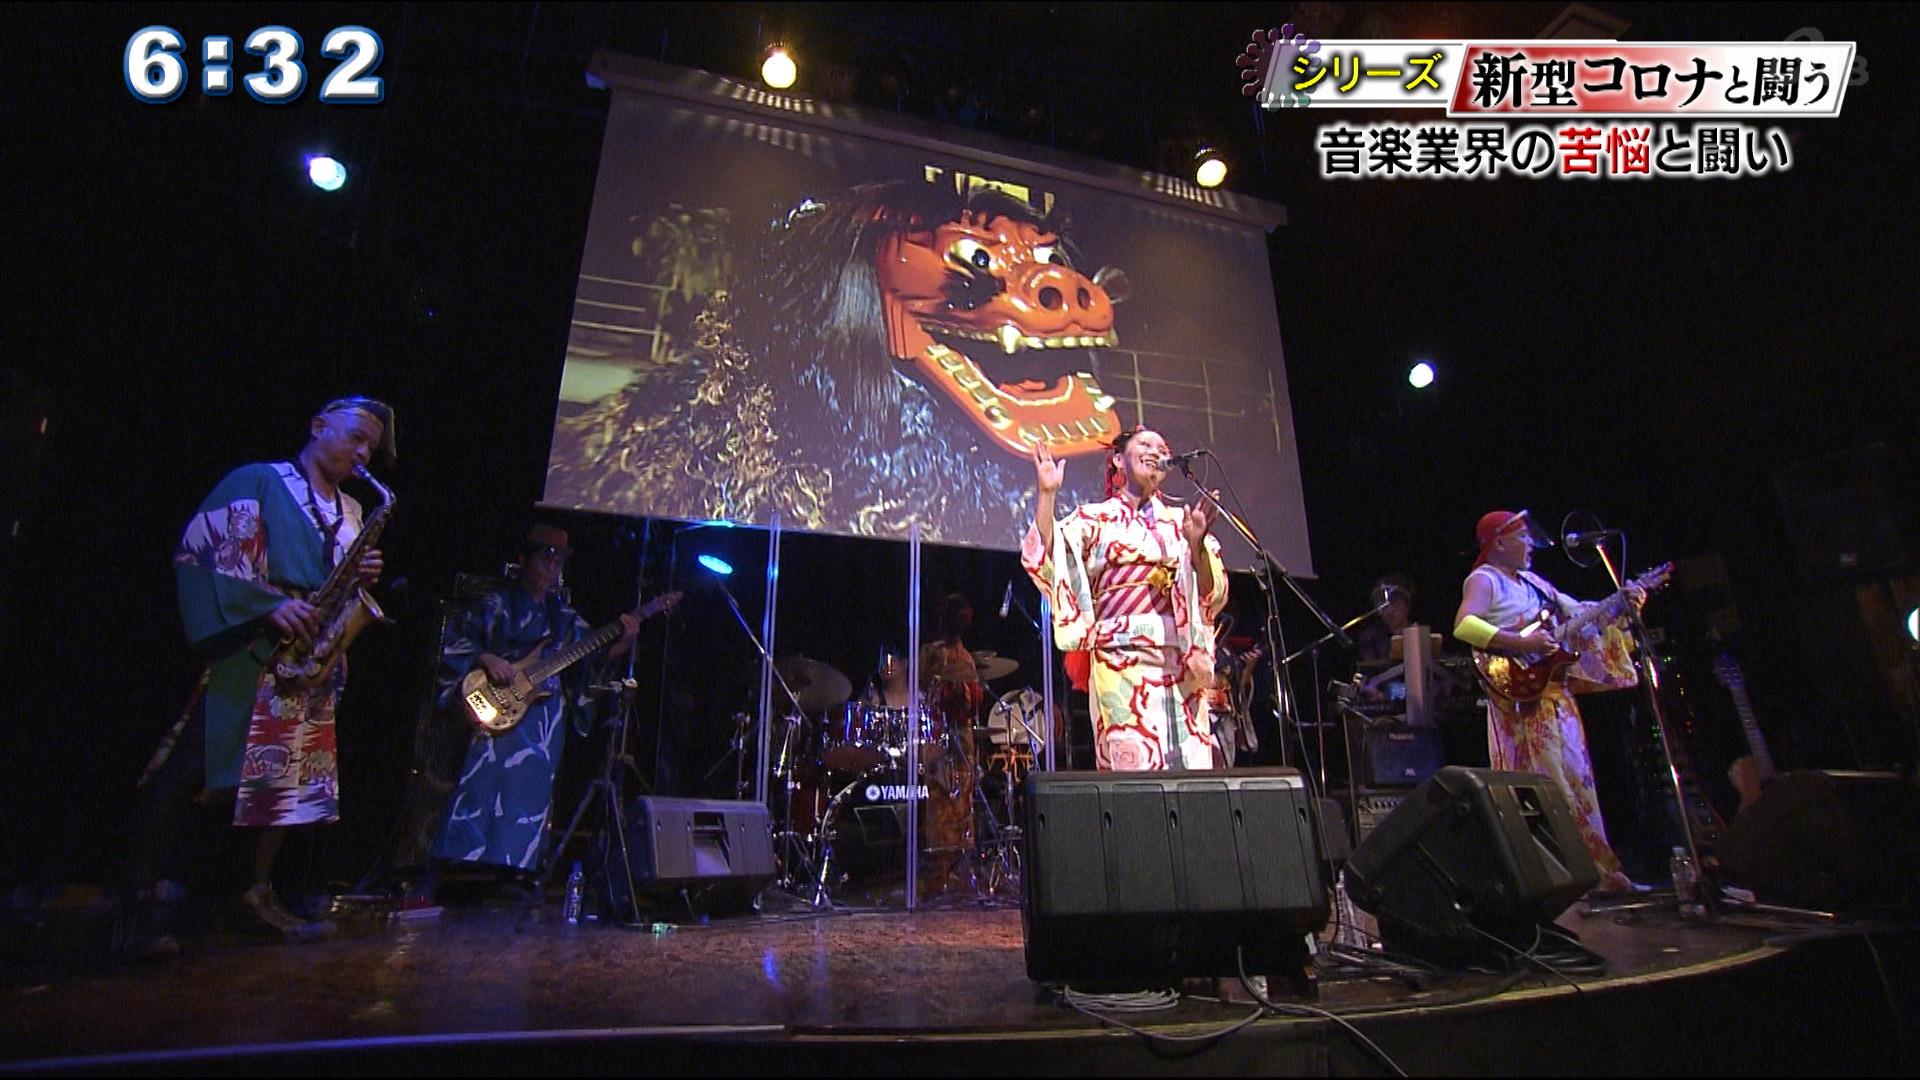 「沖縄のエンタメ守る」老舗ライブハウス モッズ